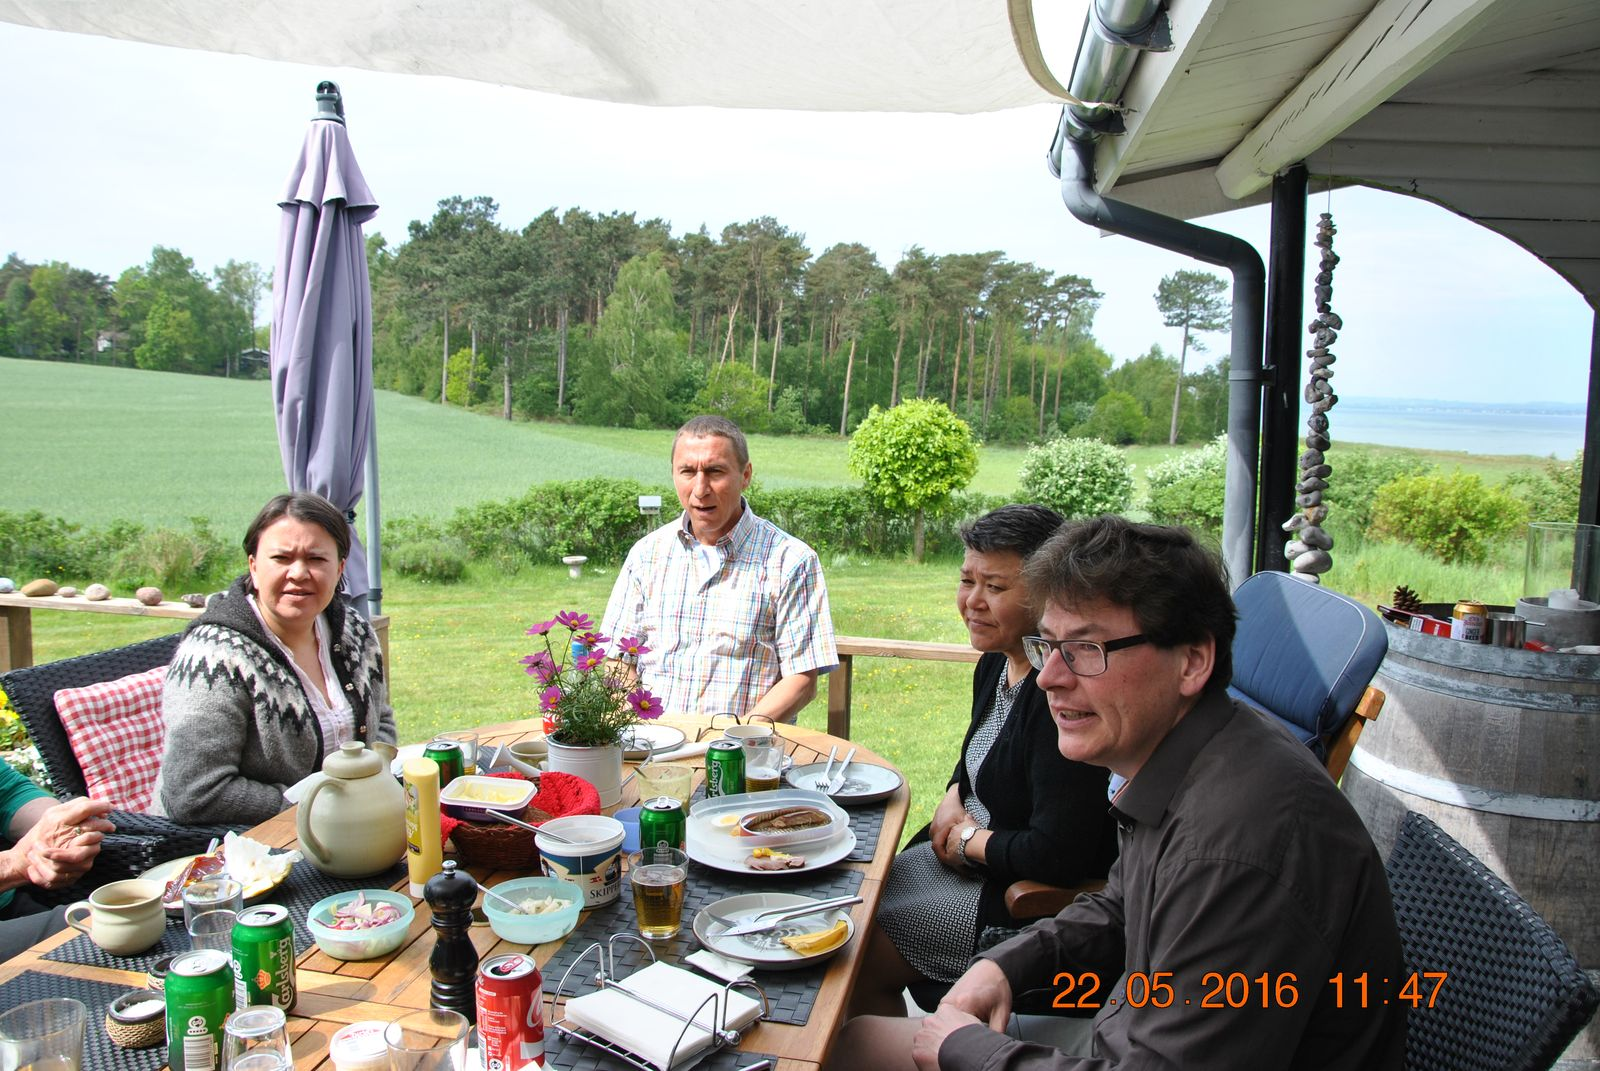 2016-05-22-1147_-_anders_guldager__anna_hessler__bente_lindberg__soeren_labansen